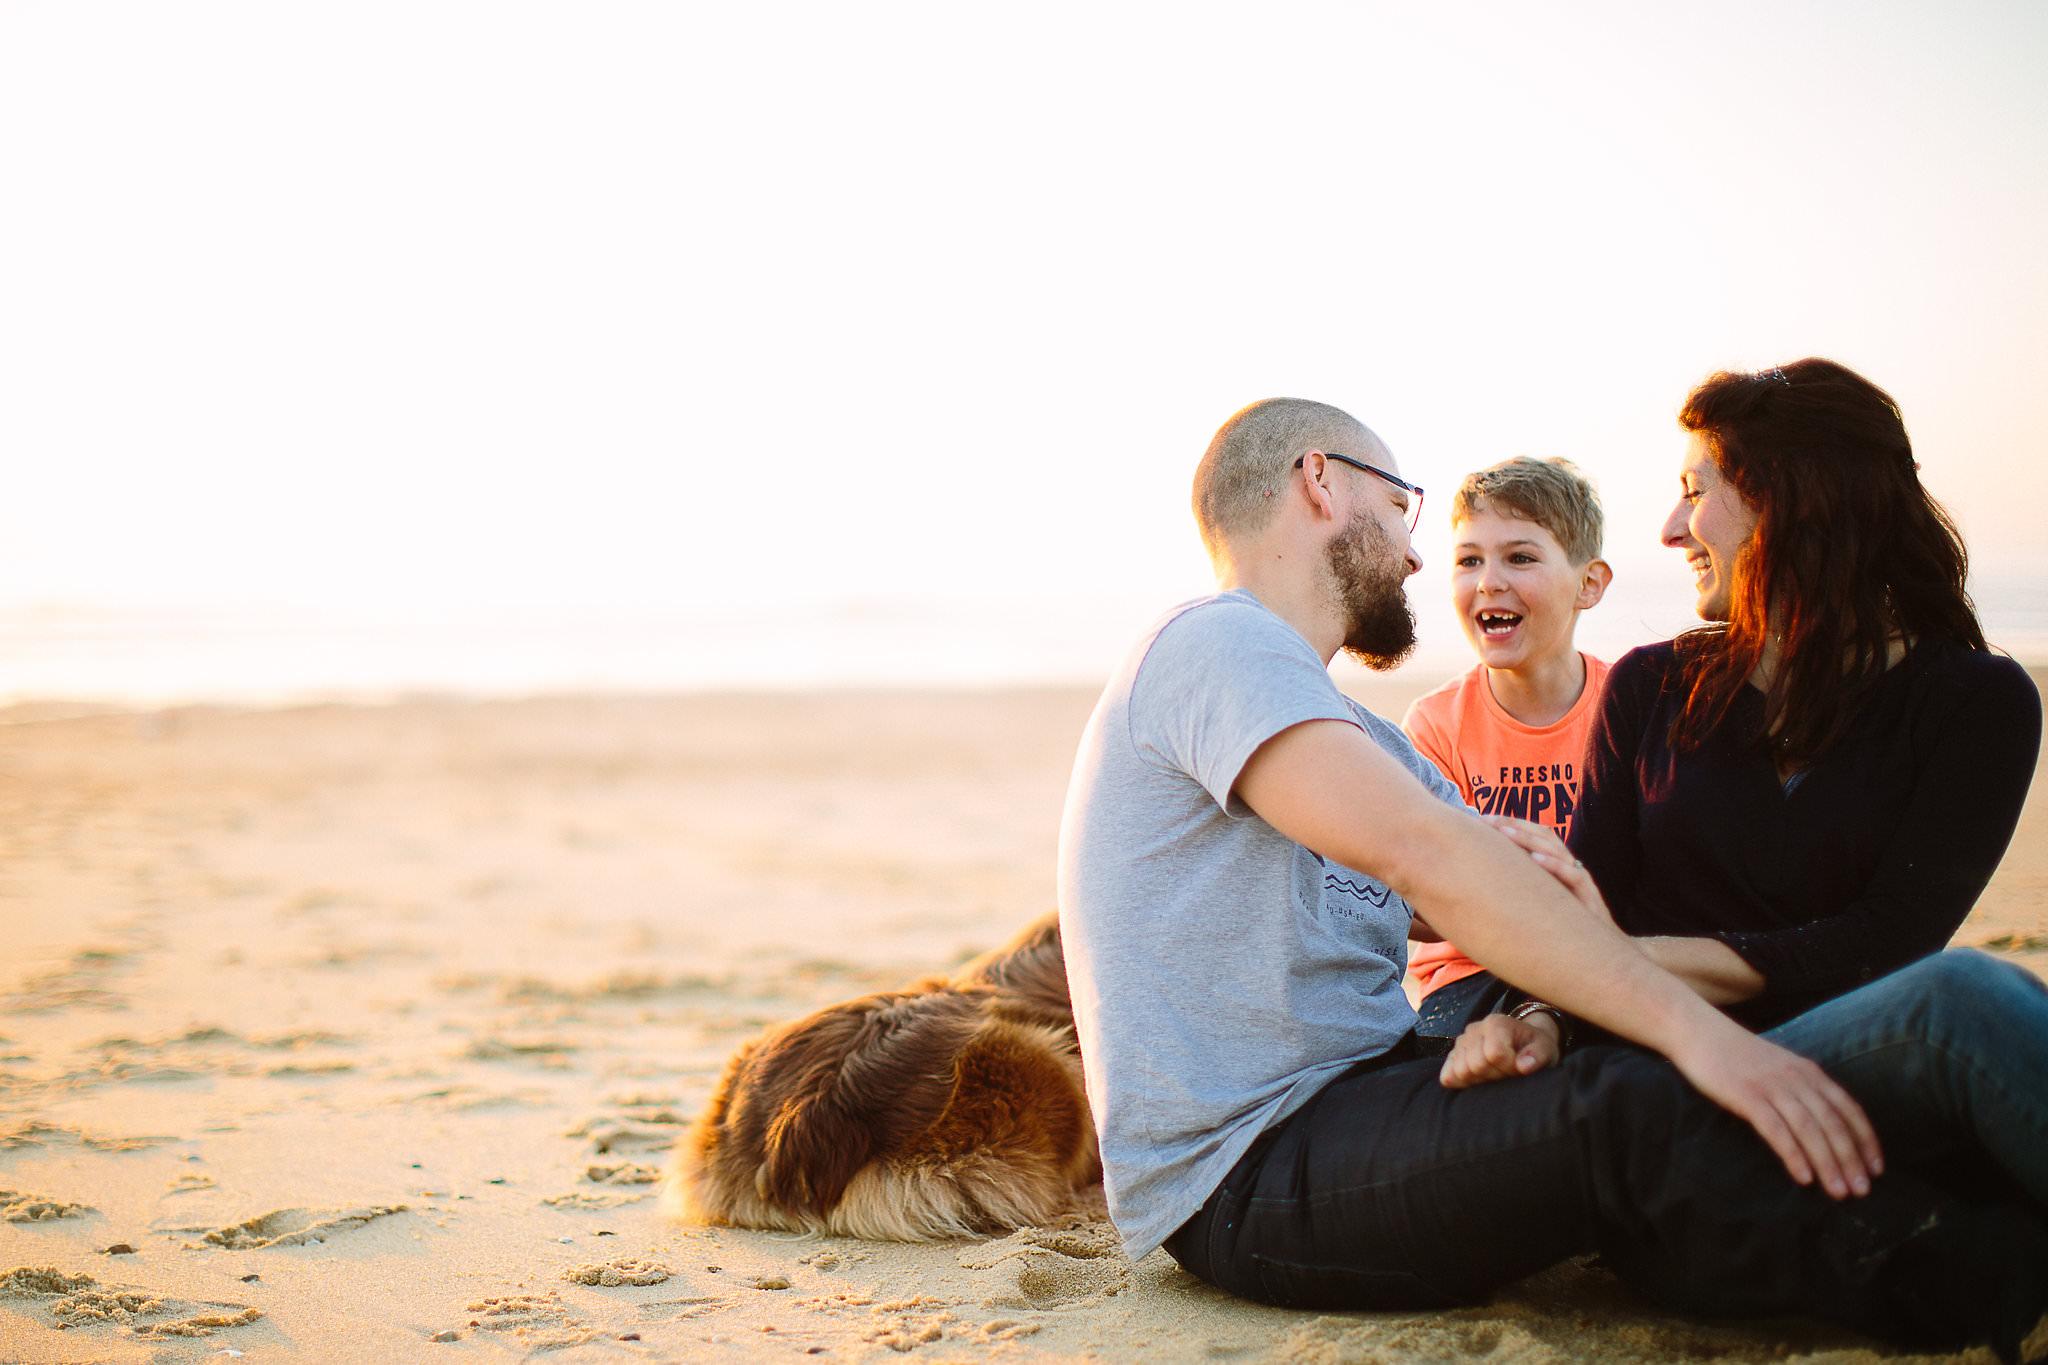 une famillle a la plage avec claire saucaz photographe